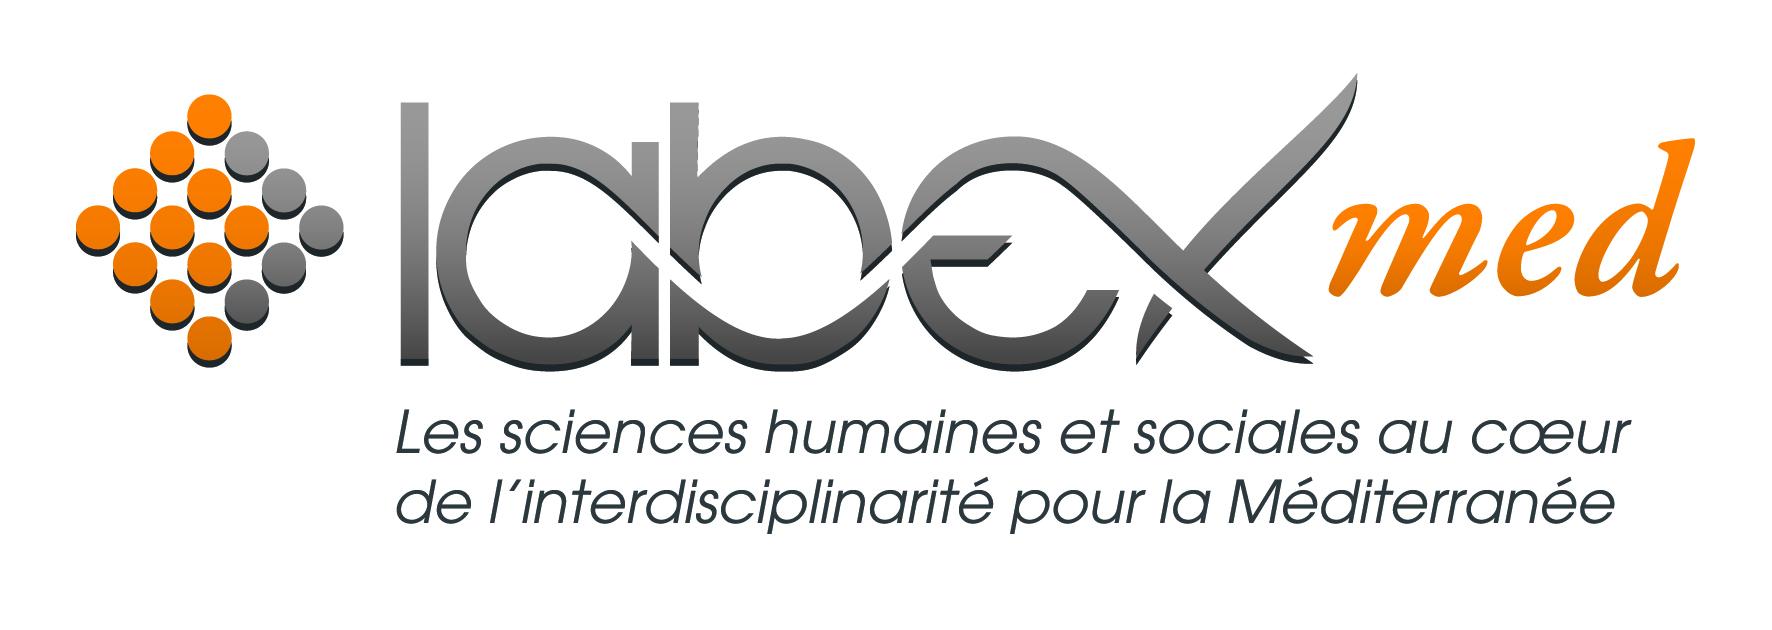 LogoLabexmed